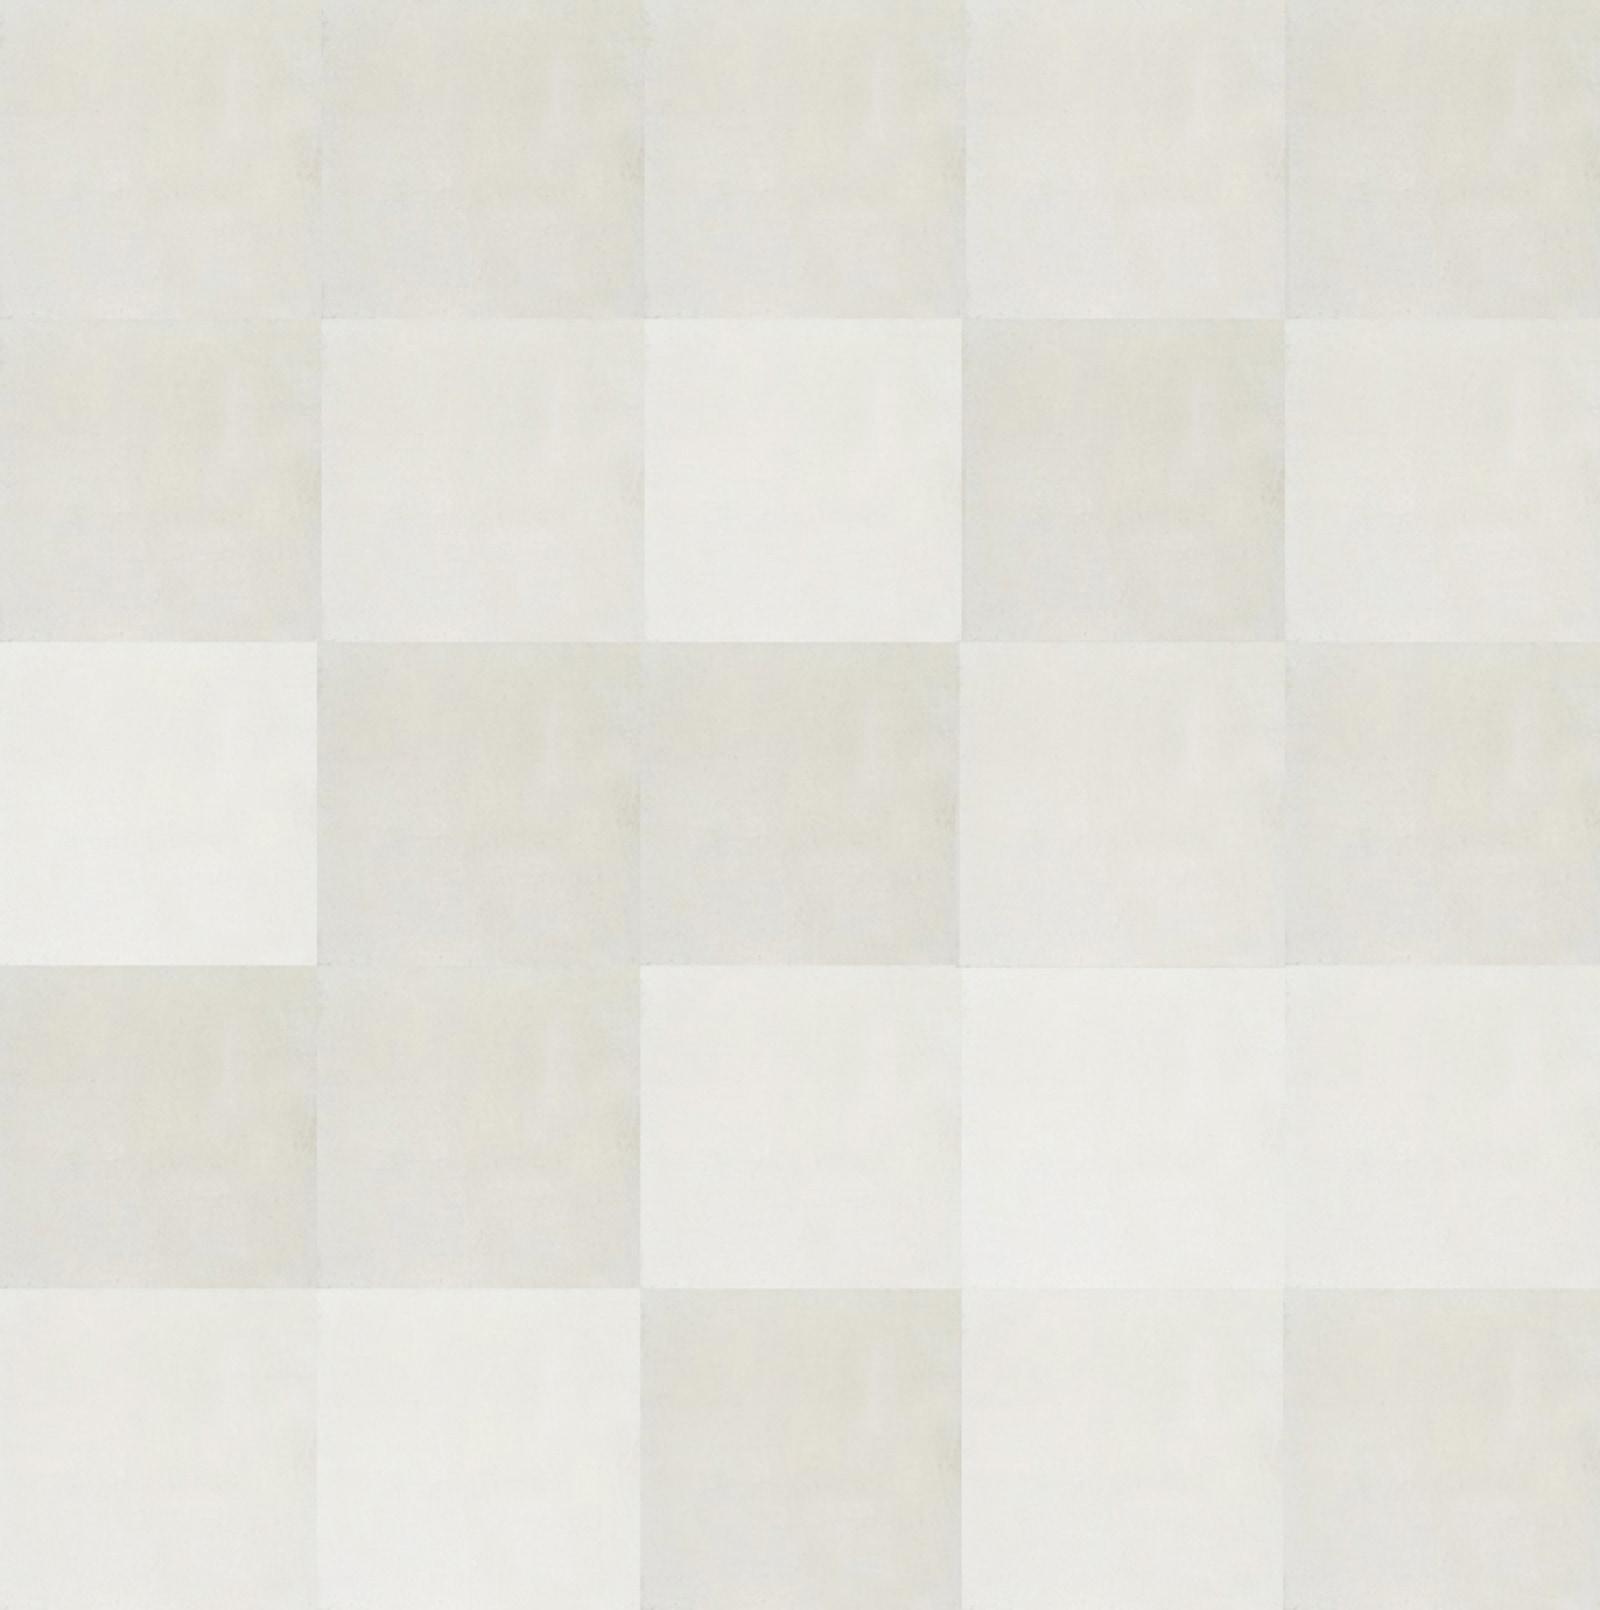 VIA_zementplatte_01-uni_verlegemuster | 01